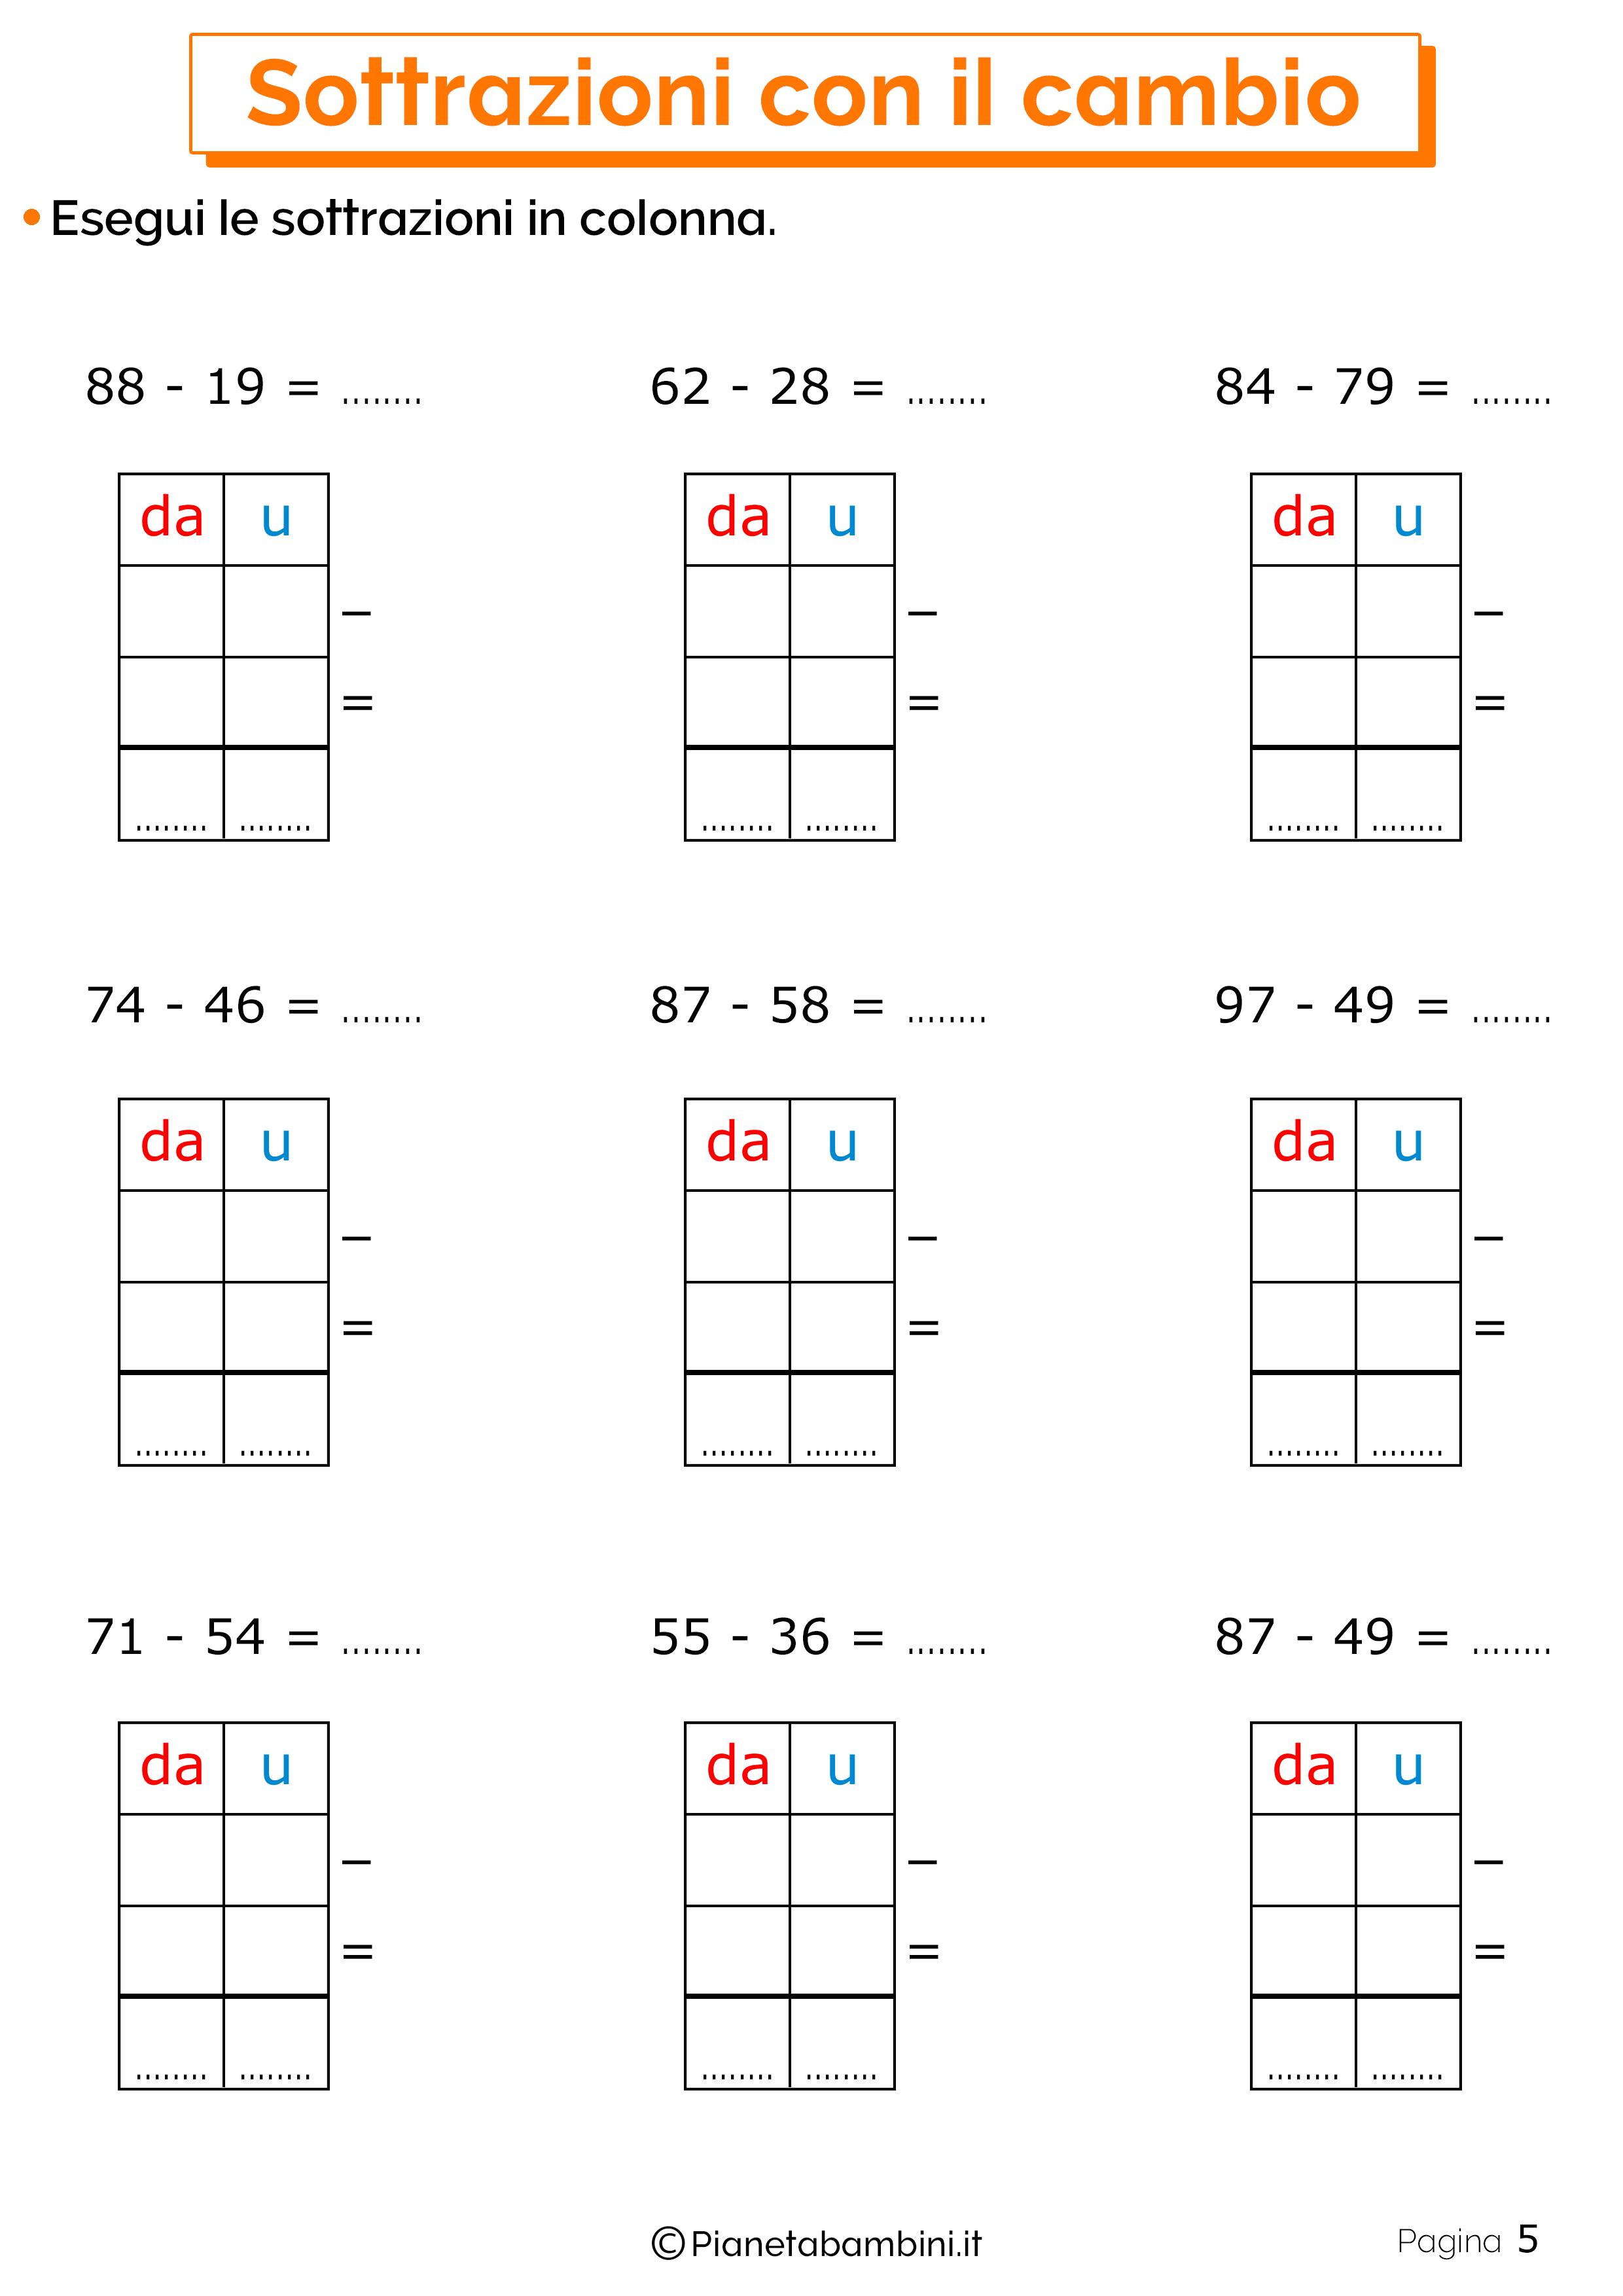 Schede didattiche sulle sottrazioni con cambio 5